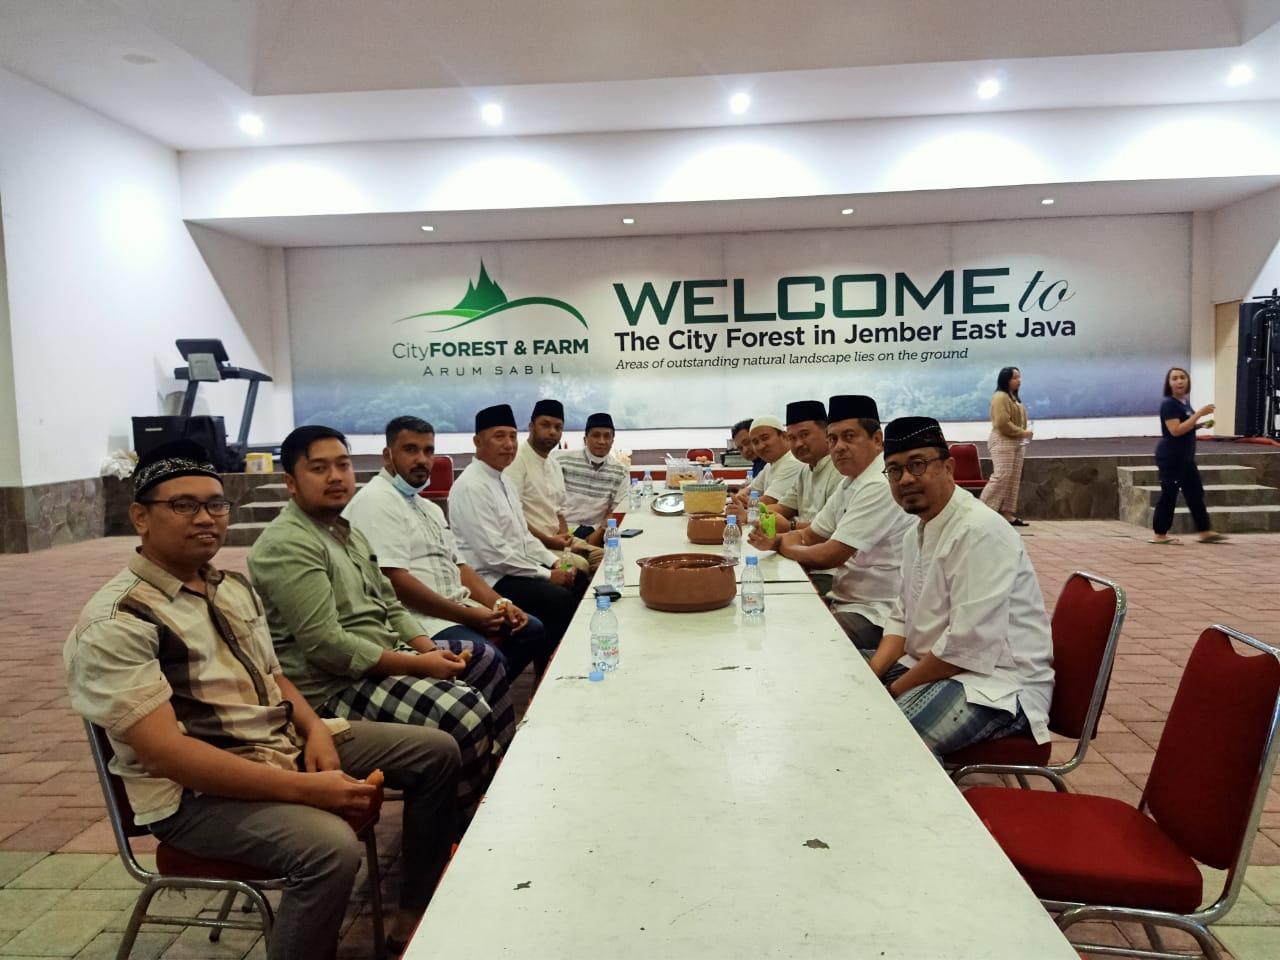 Suasana buka bersama yang digelar oleh HM Arum Sabil, tokoh masyarakat Jember. (Fauzi/ Tunasnegeri.com)